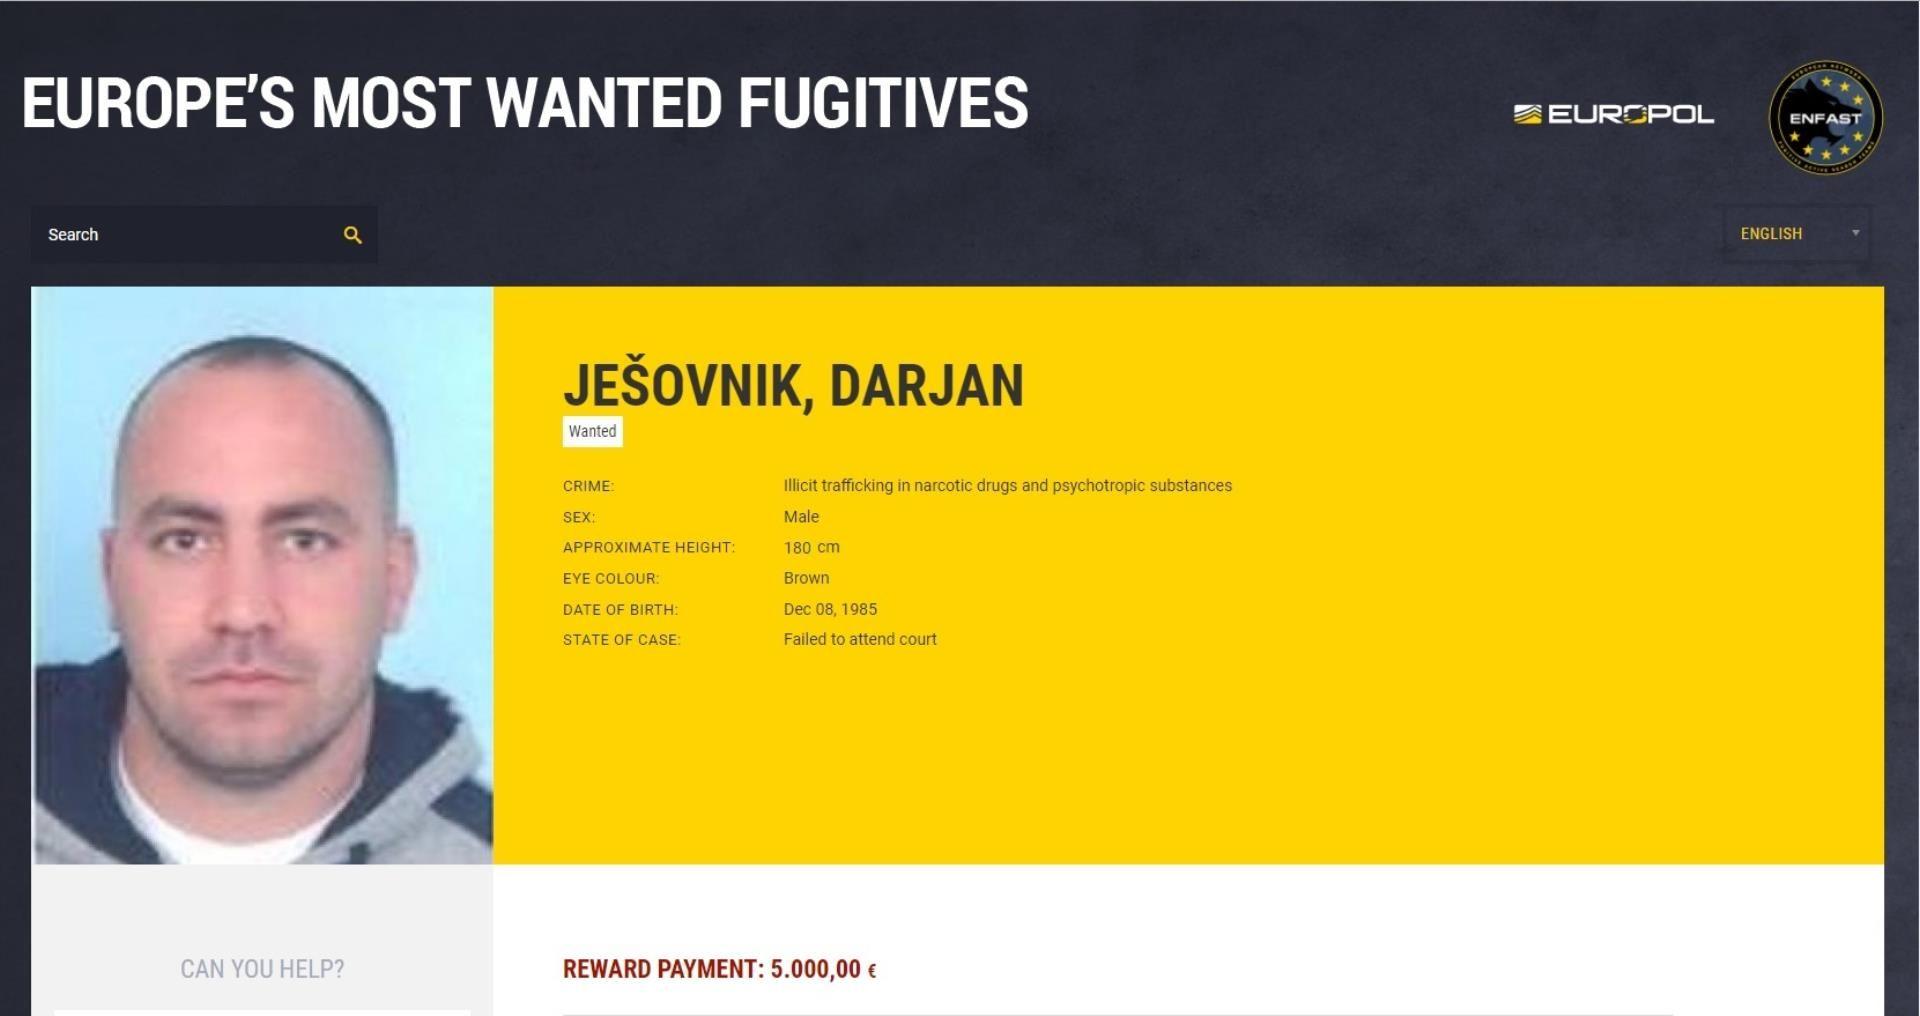 MUP Pet tisuća eura nagrade za informacije o jednom od najtraženijih bjegunaca u Europi